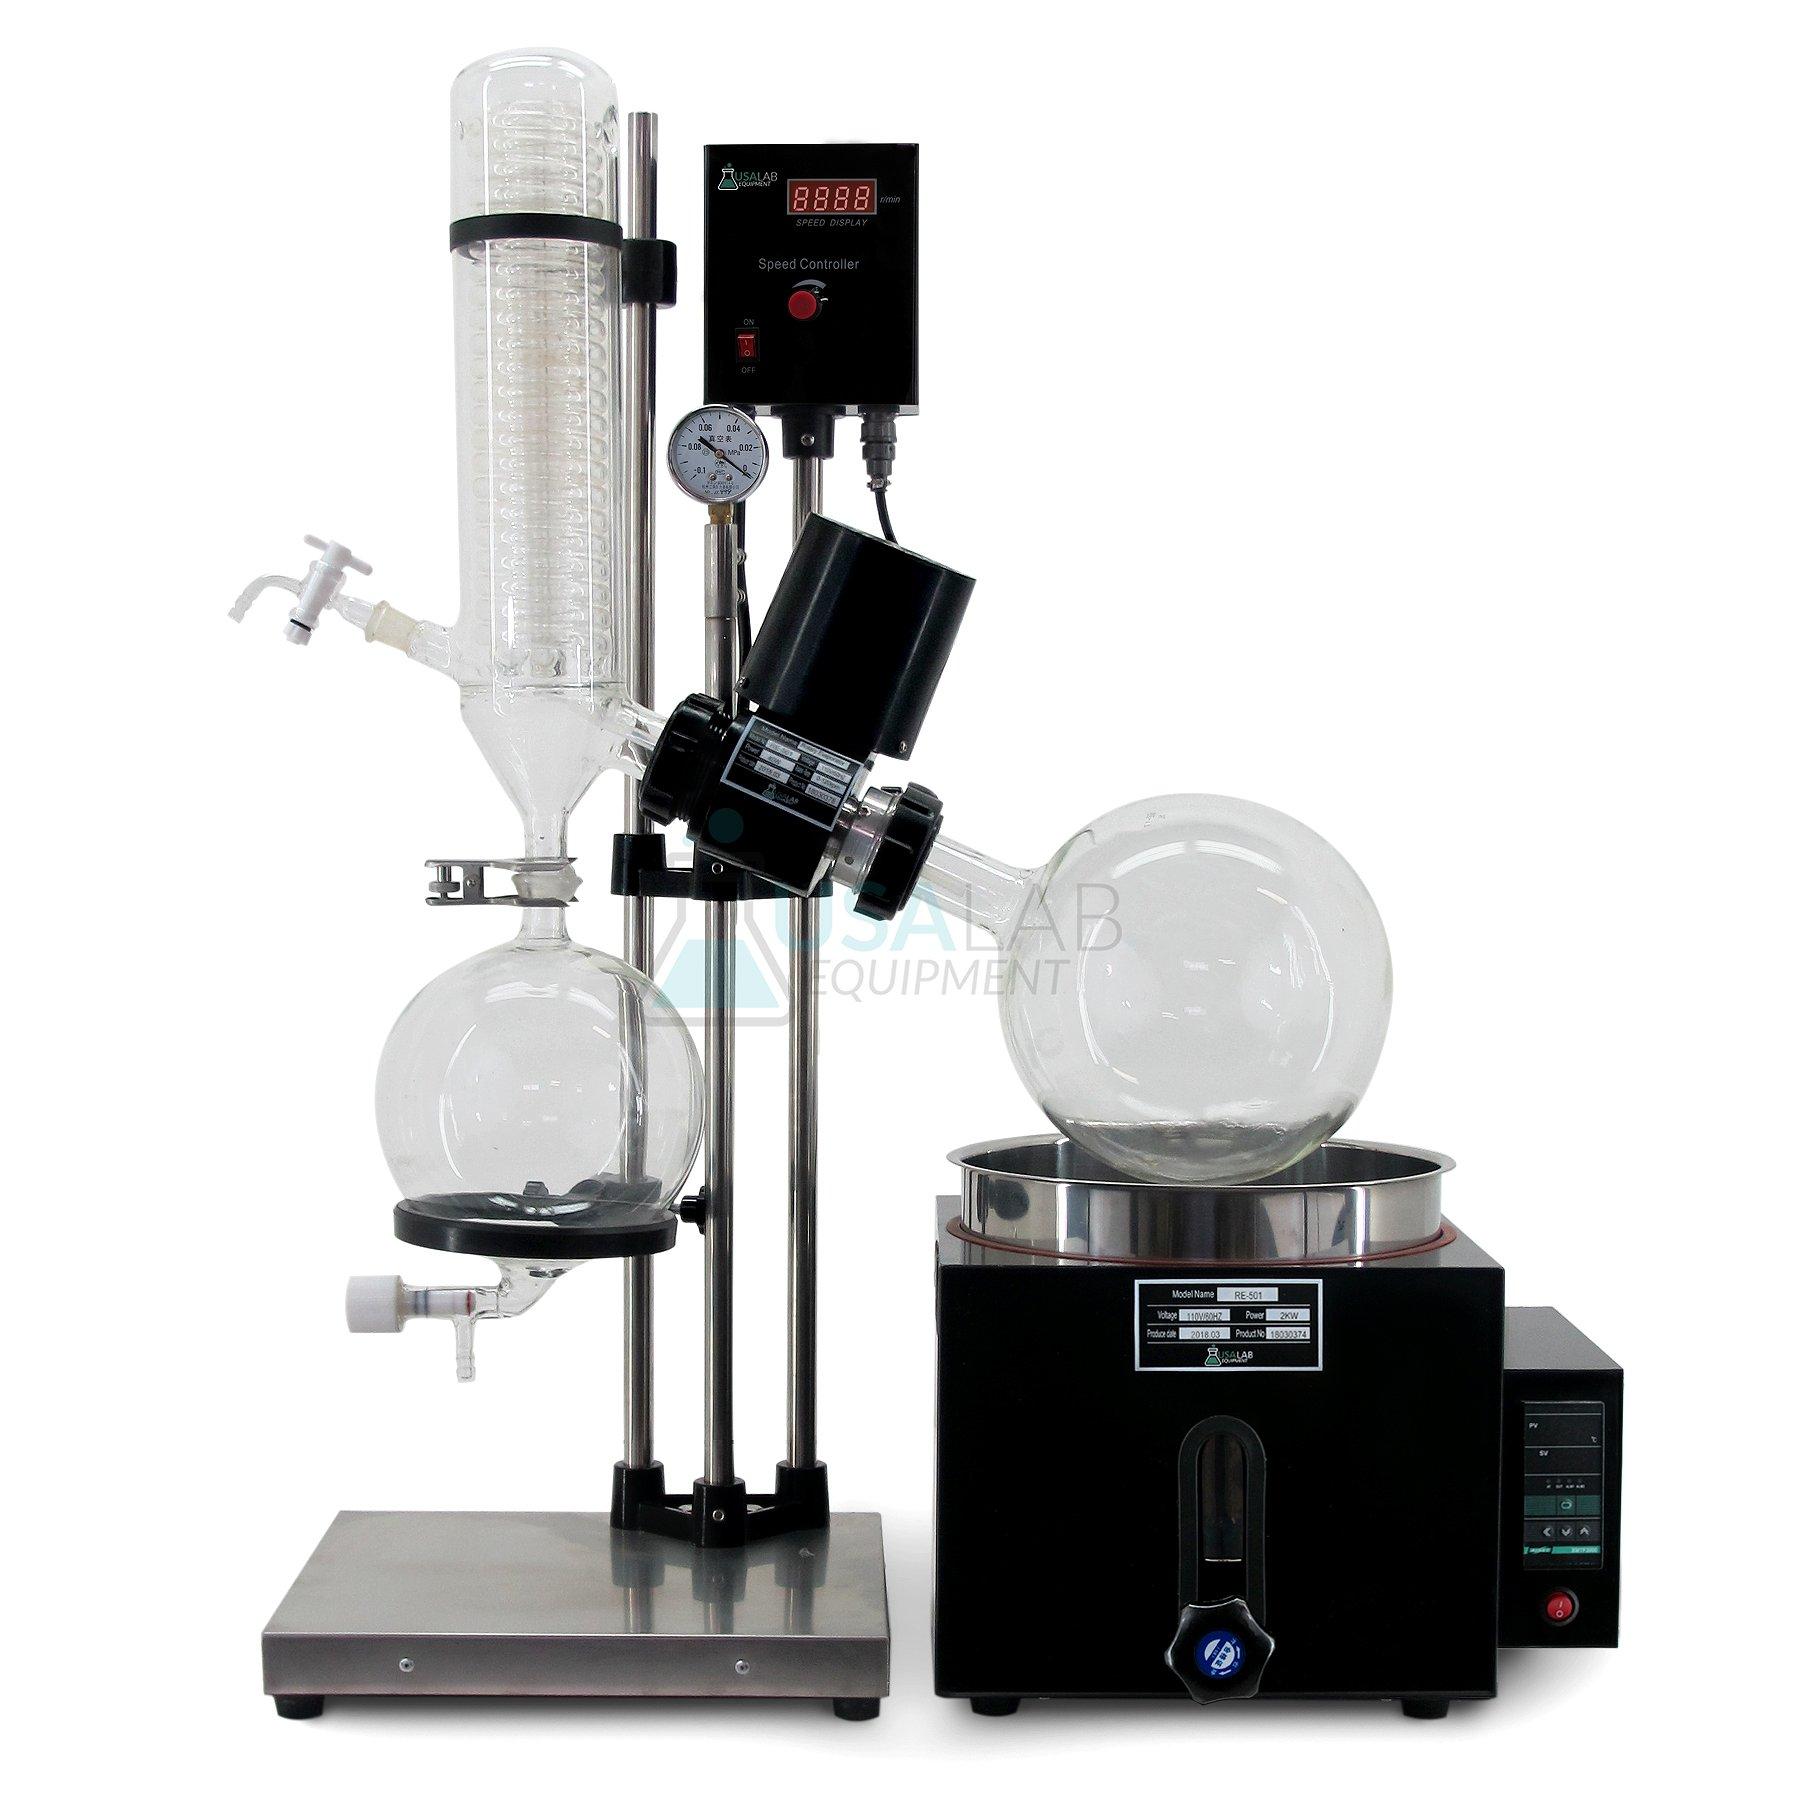 USA Lab 110V 5L Rotary Evaporator RotoVap RE-501-180°C by USA Lab Equipment